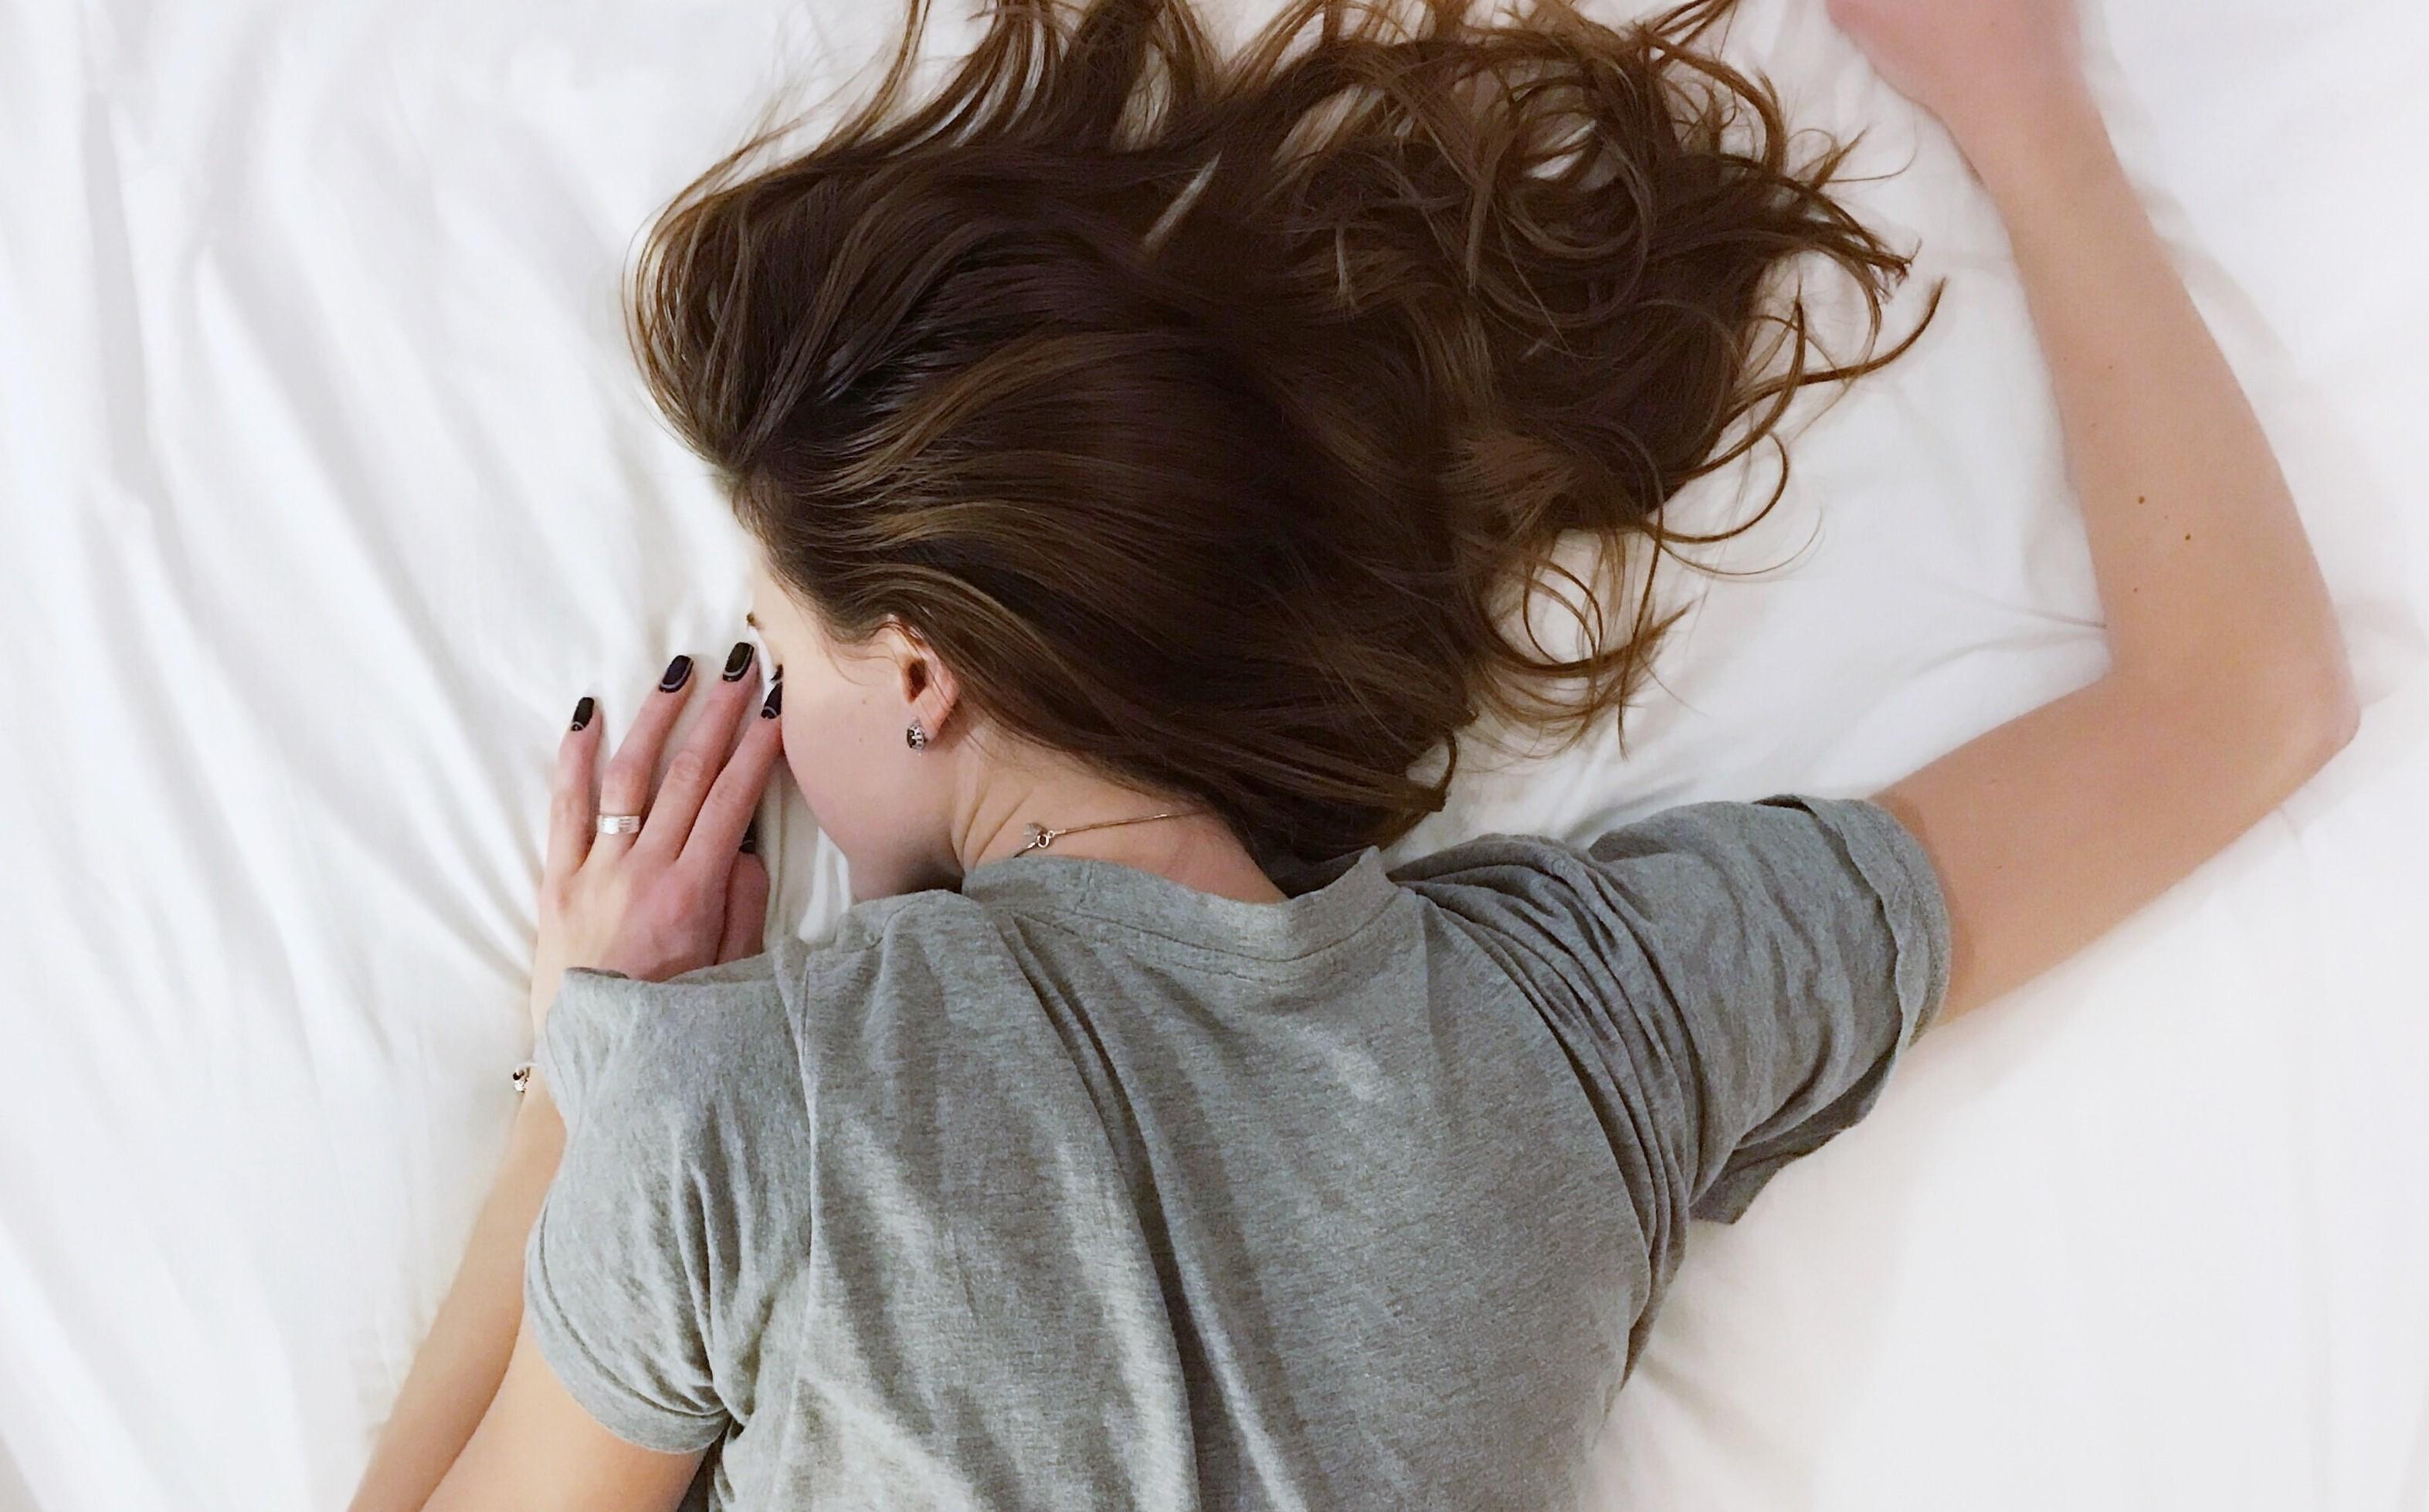 Fatigue chronique